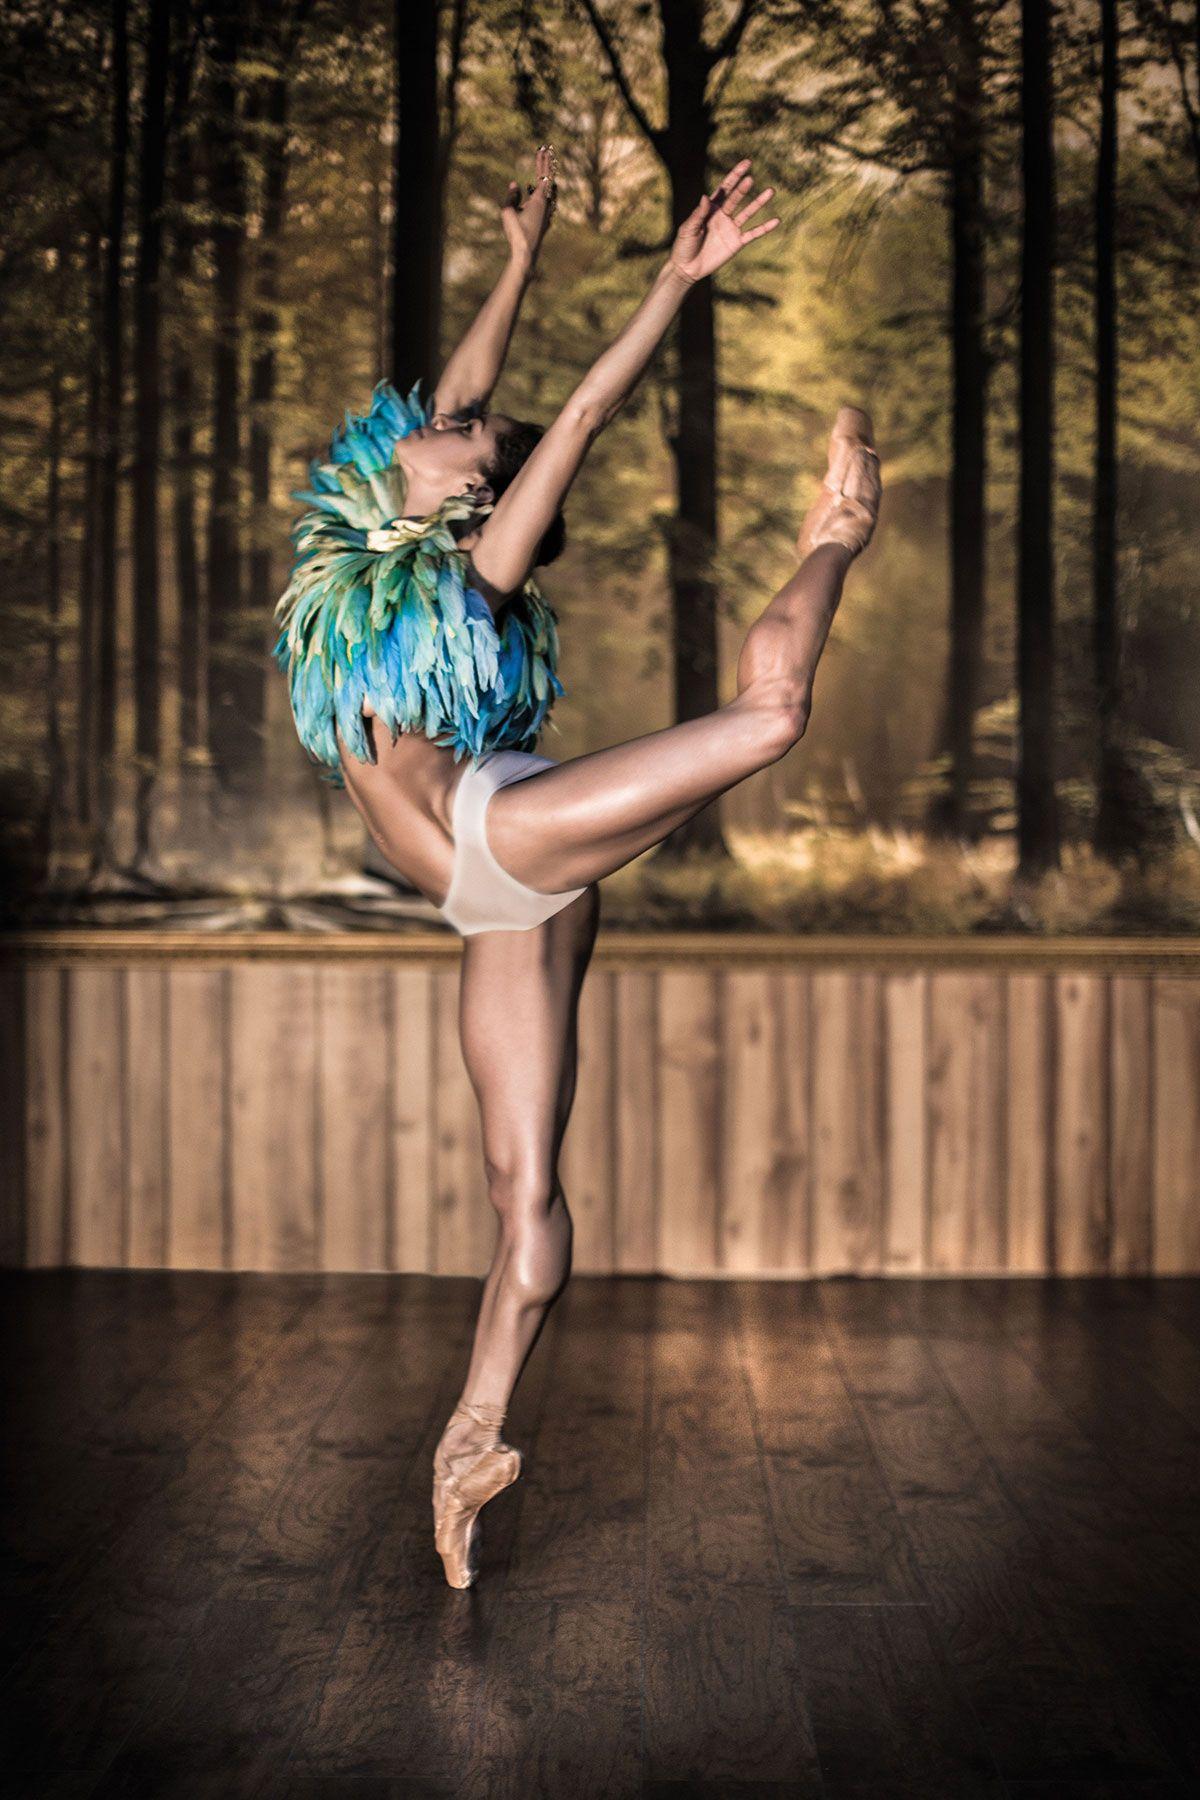 частные фотографии балерин первой сцене юную